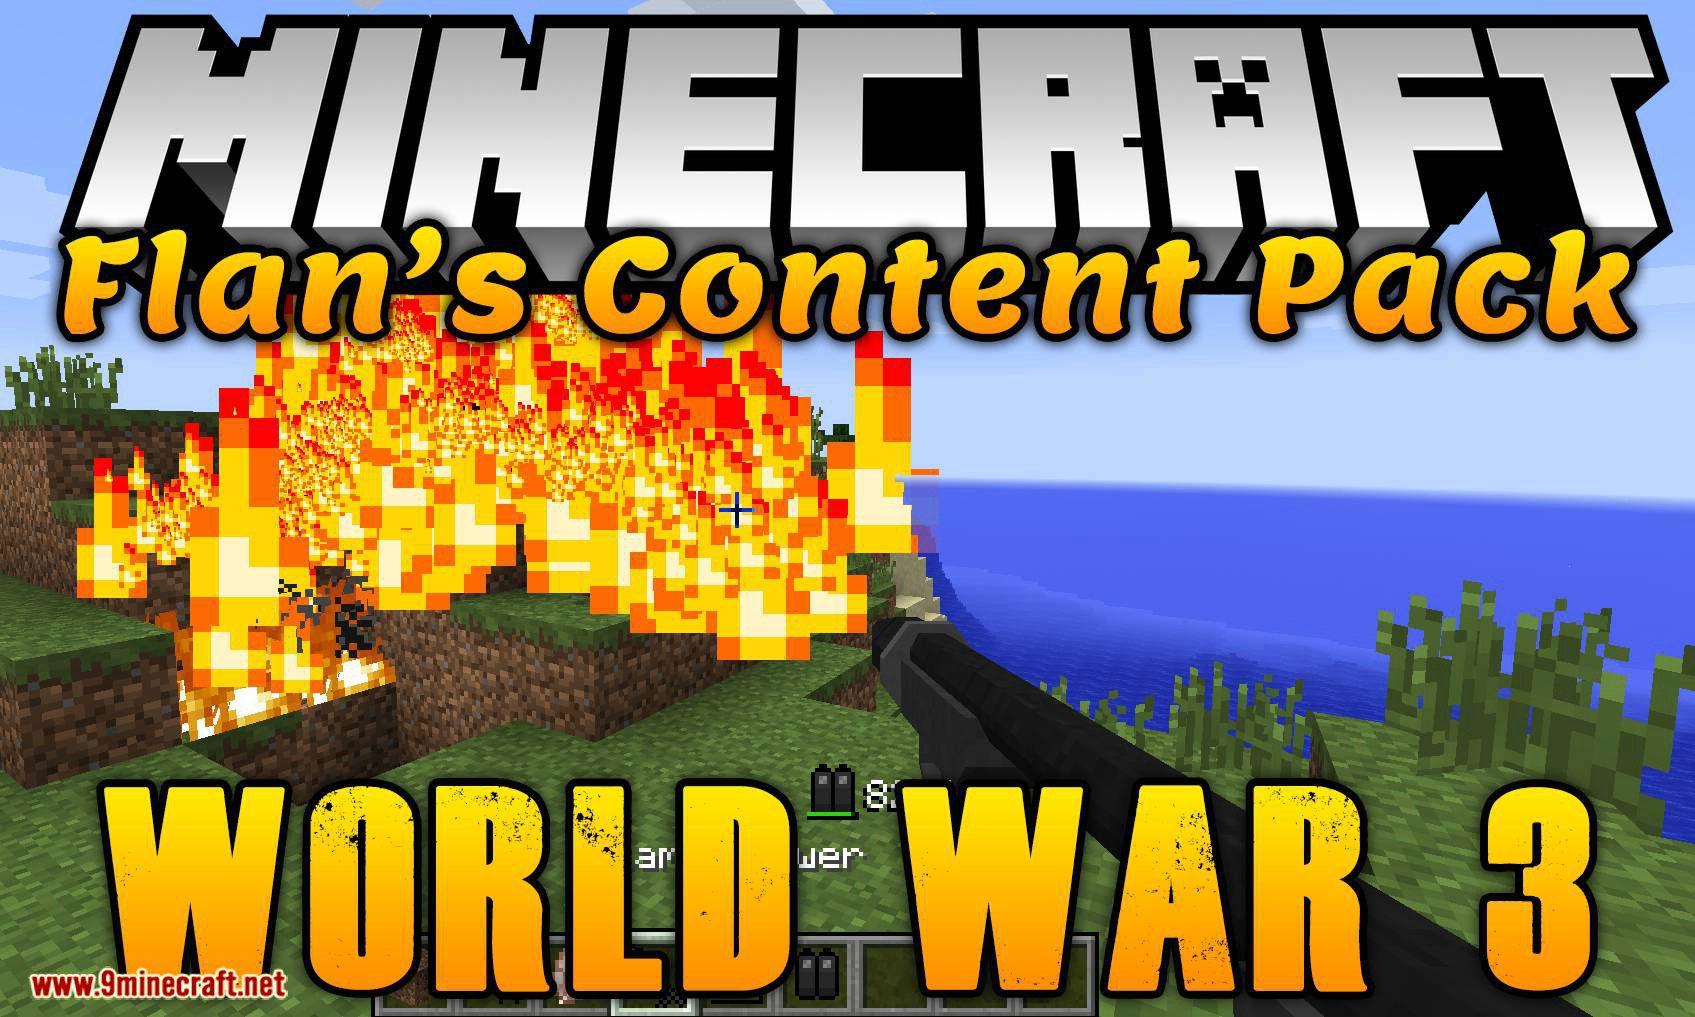 Flan_s Content Pack World War 3 mod for minecraft logo